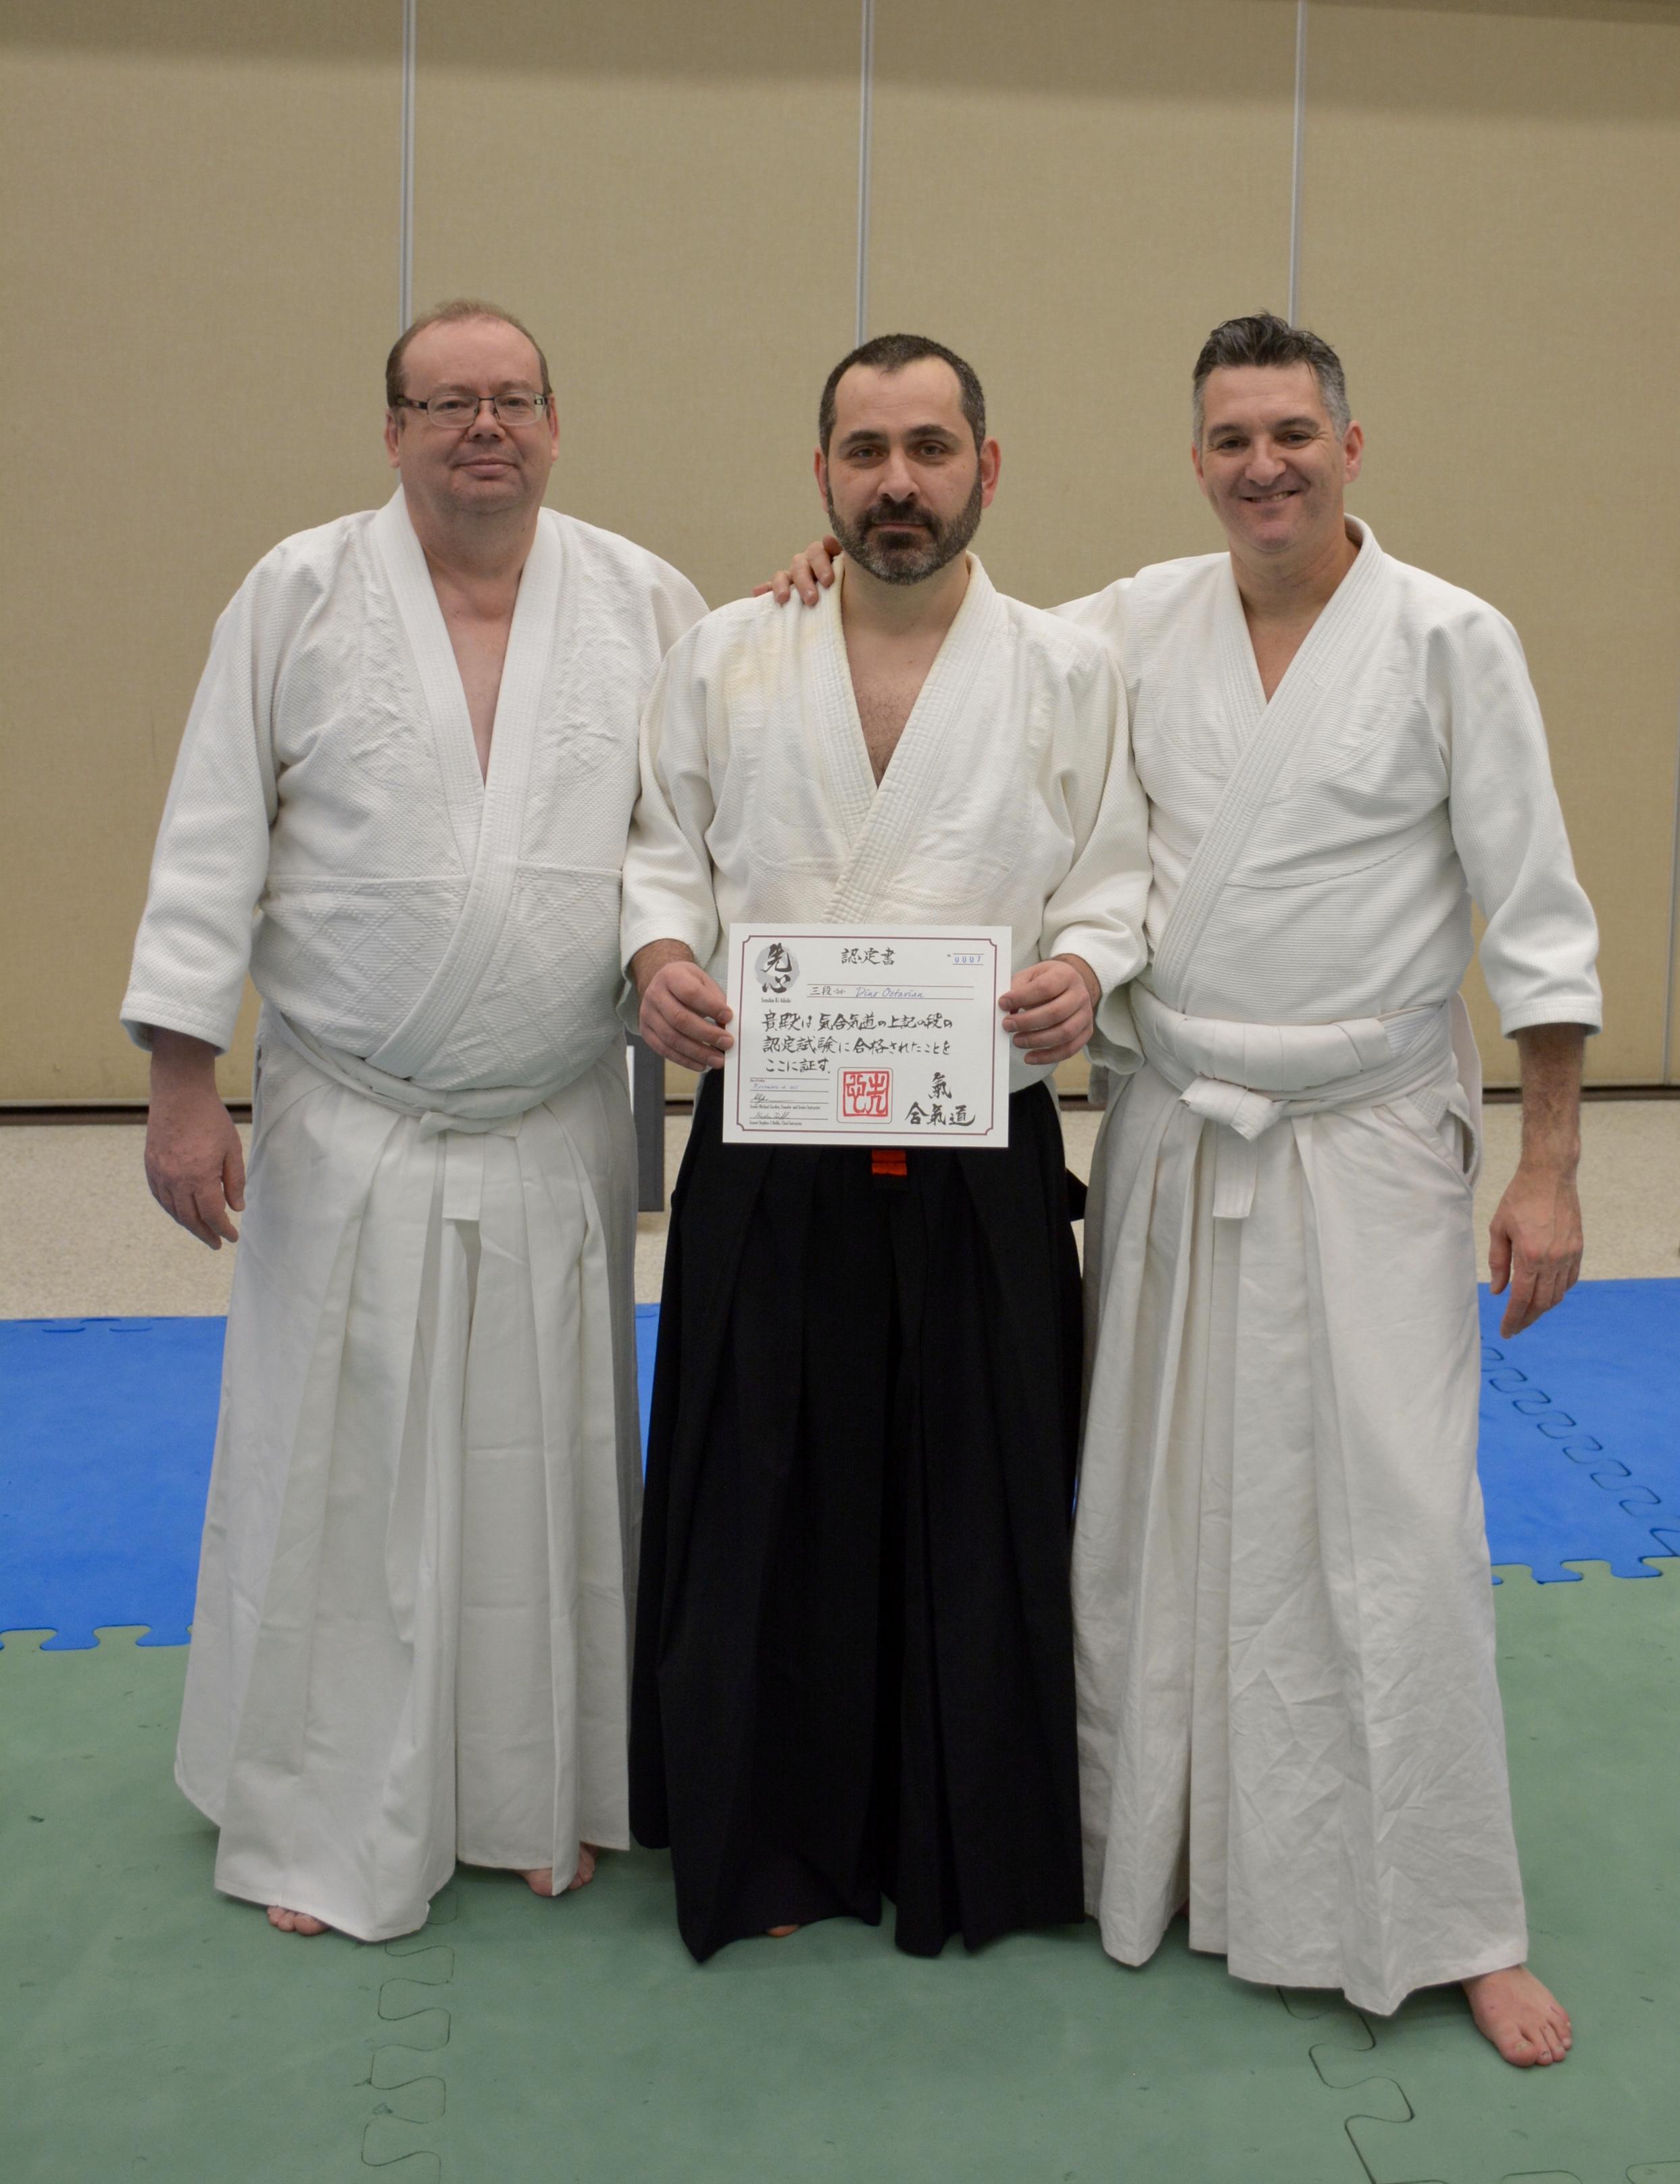 Dino Octavian with 3rd Dan certificate